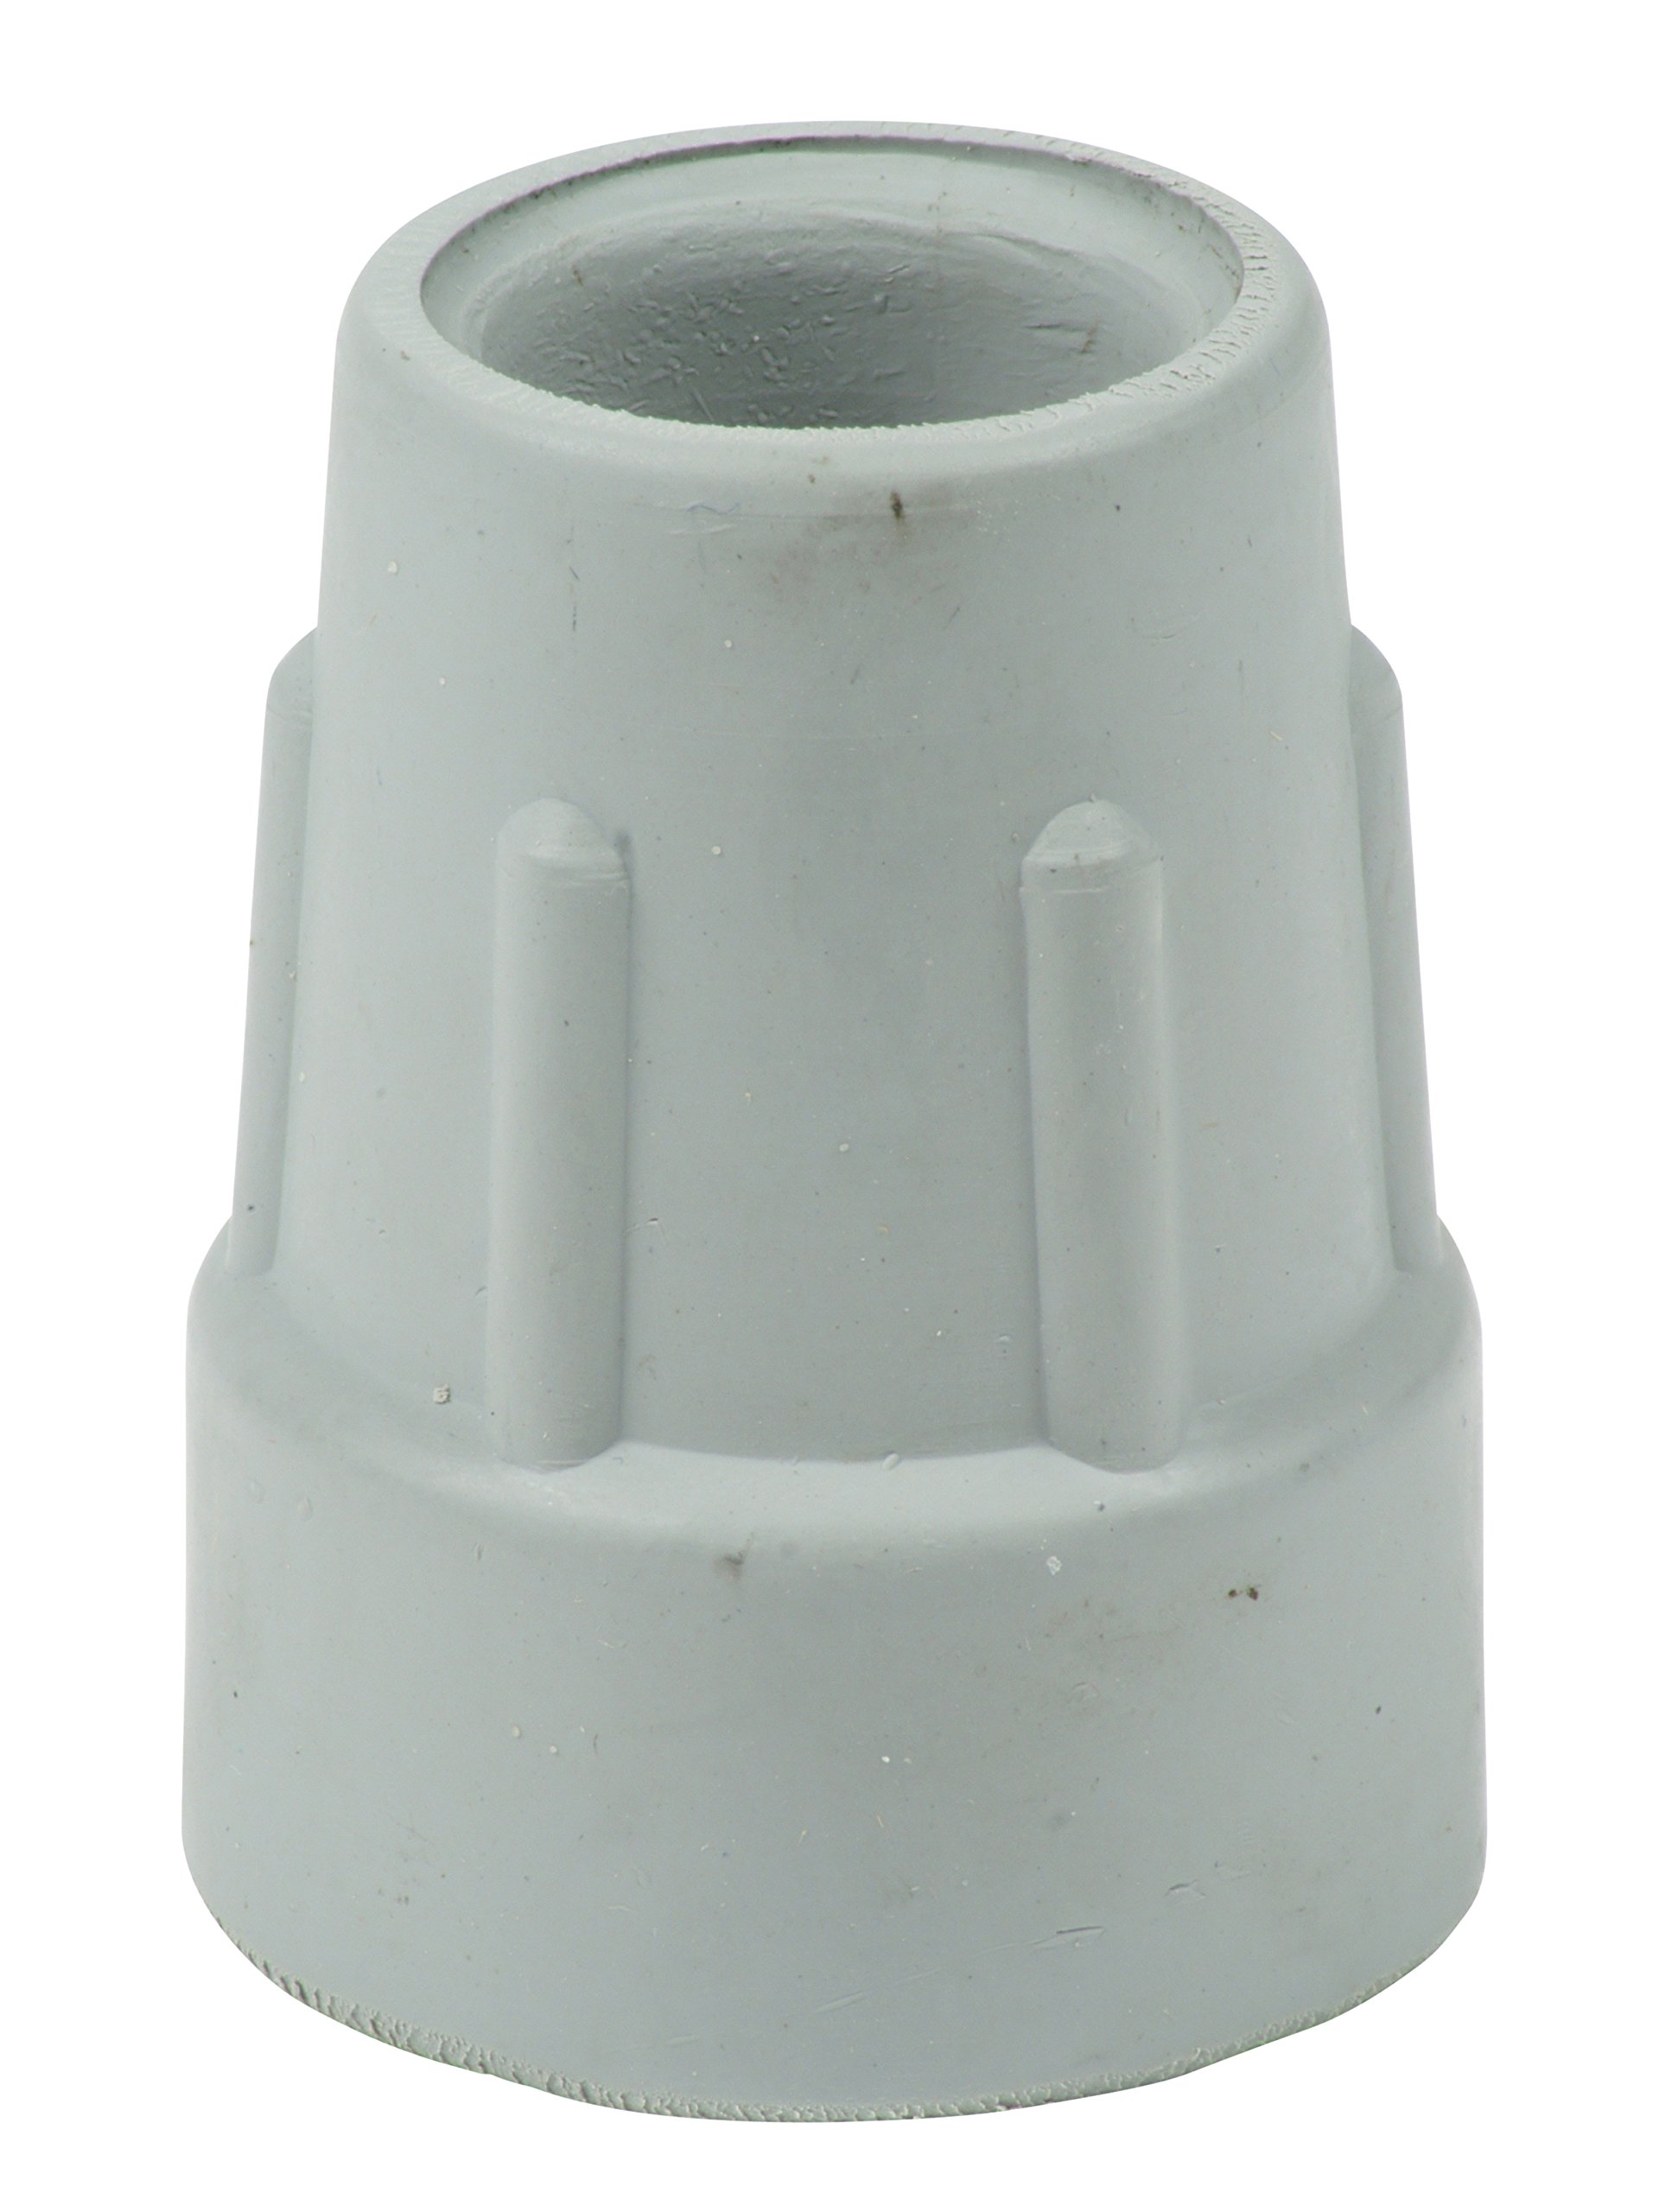 """Qty: 4X 22mm (7/8"""") Heavy Duty Rubber Ferrules for Crutches - Grey - by Lifeswonderful®"""